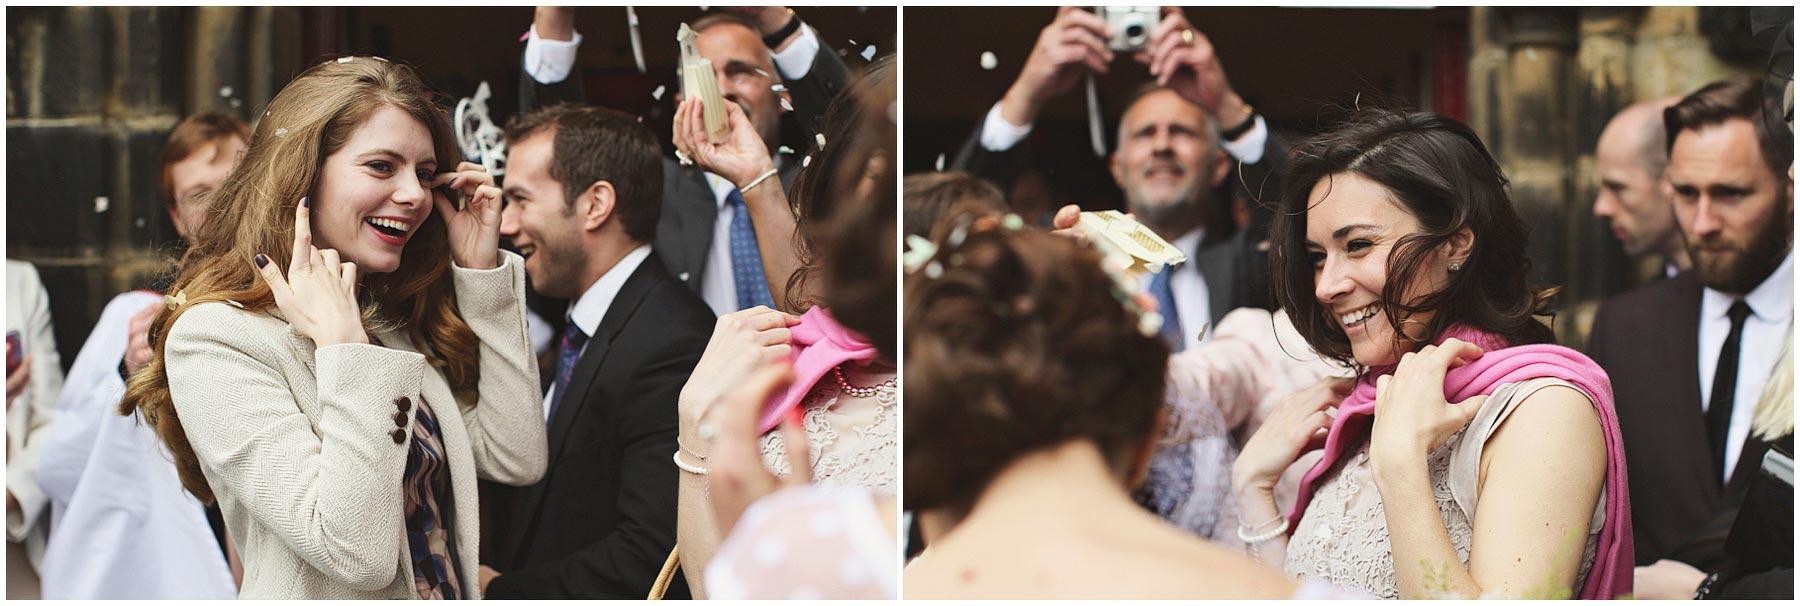 the-spiced-pear-wedding-photographer_0049